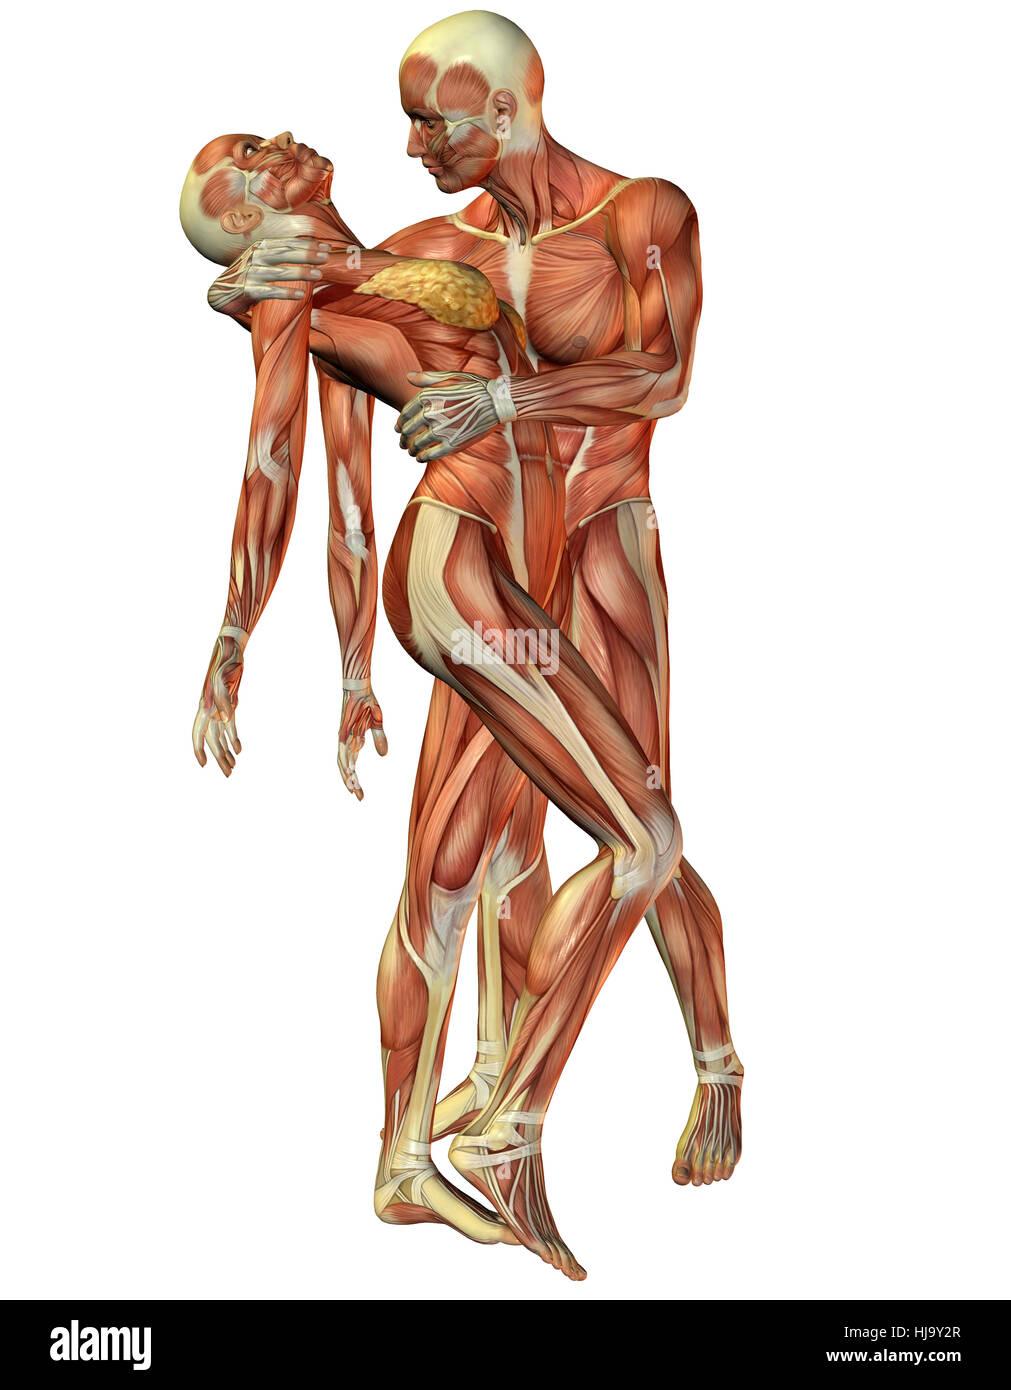 Charmant Muskelspiel Anatomie Fotos - Anatomie Von Menschlichen ...